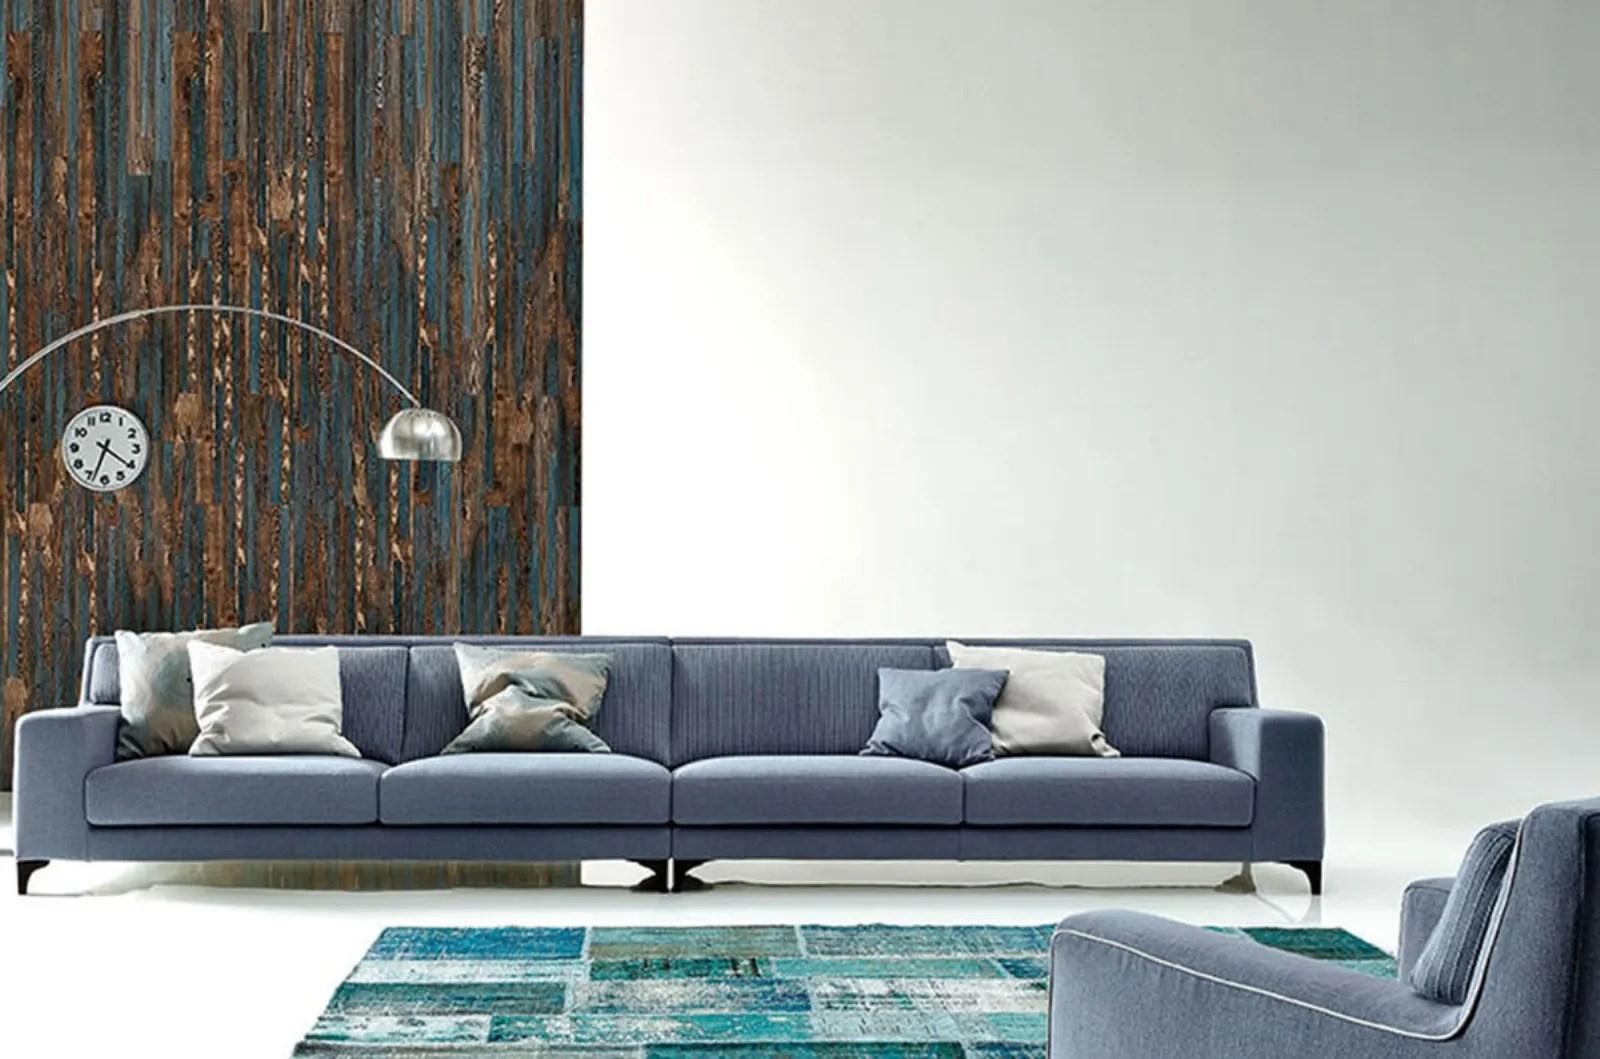 pareti soggiorno color carta da zucchero il color carta da zucchero può benissimo essere utilizzato per pitturare le pareti di un soggiorno sia classico che moderno. Colore Carta Da Zucchero In Casa Come Sceglierlo